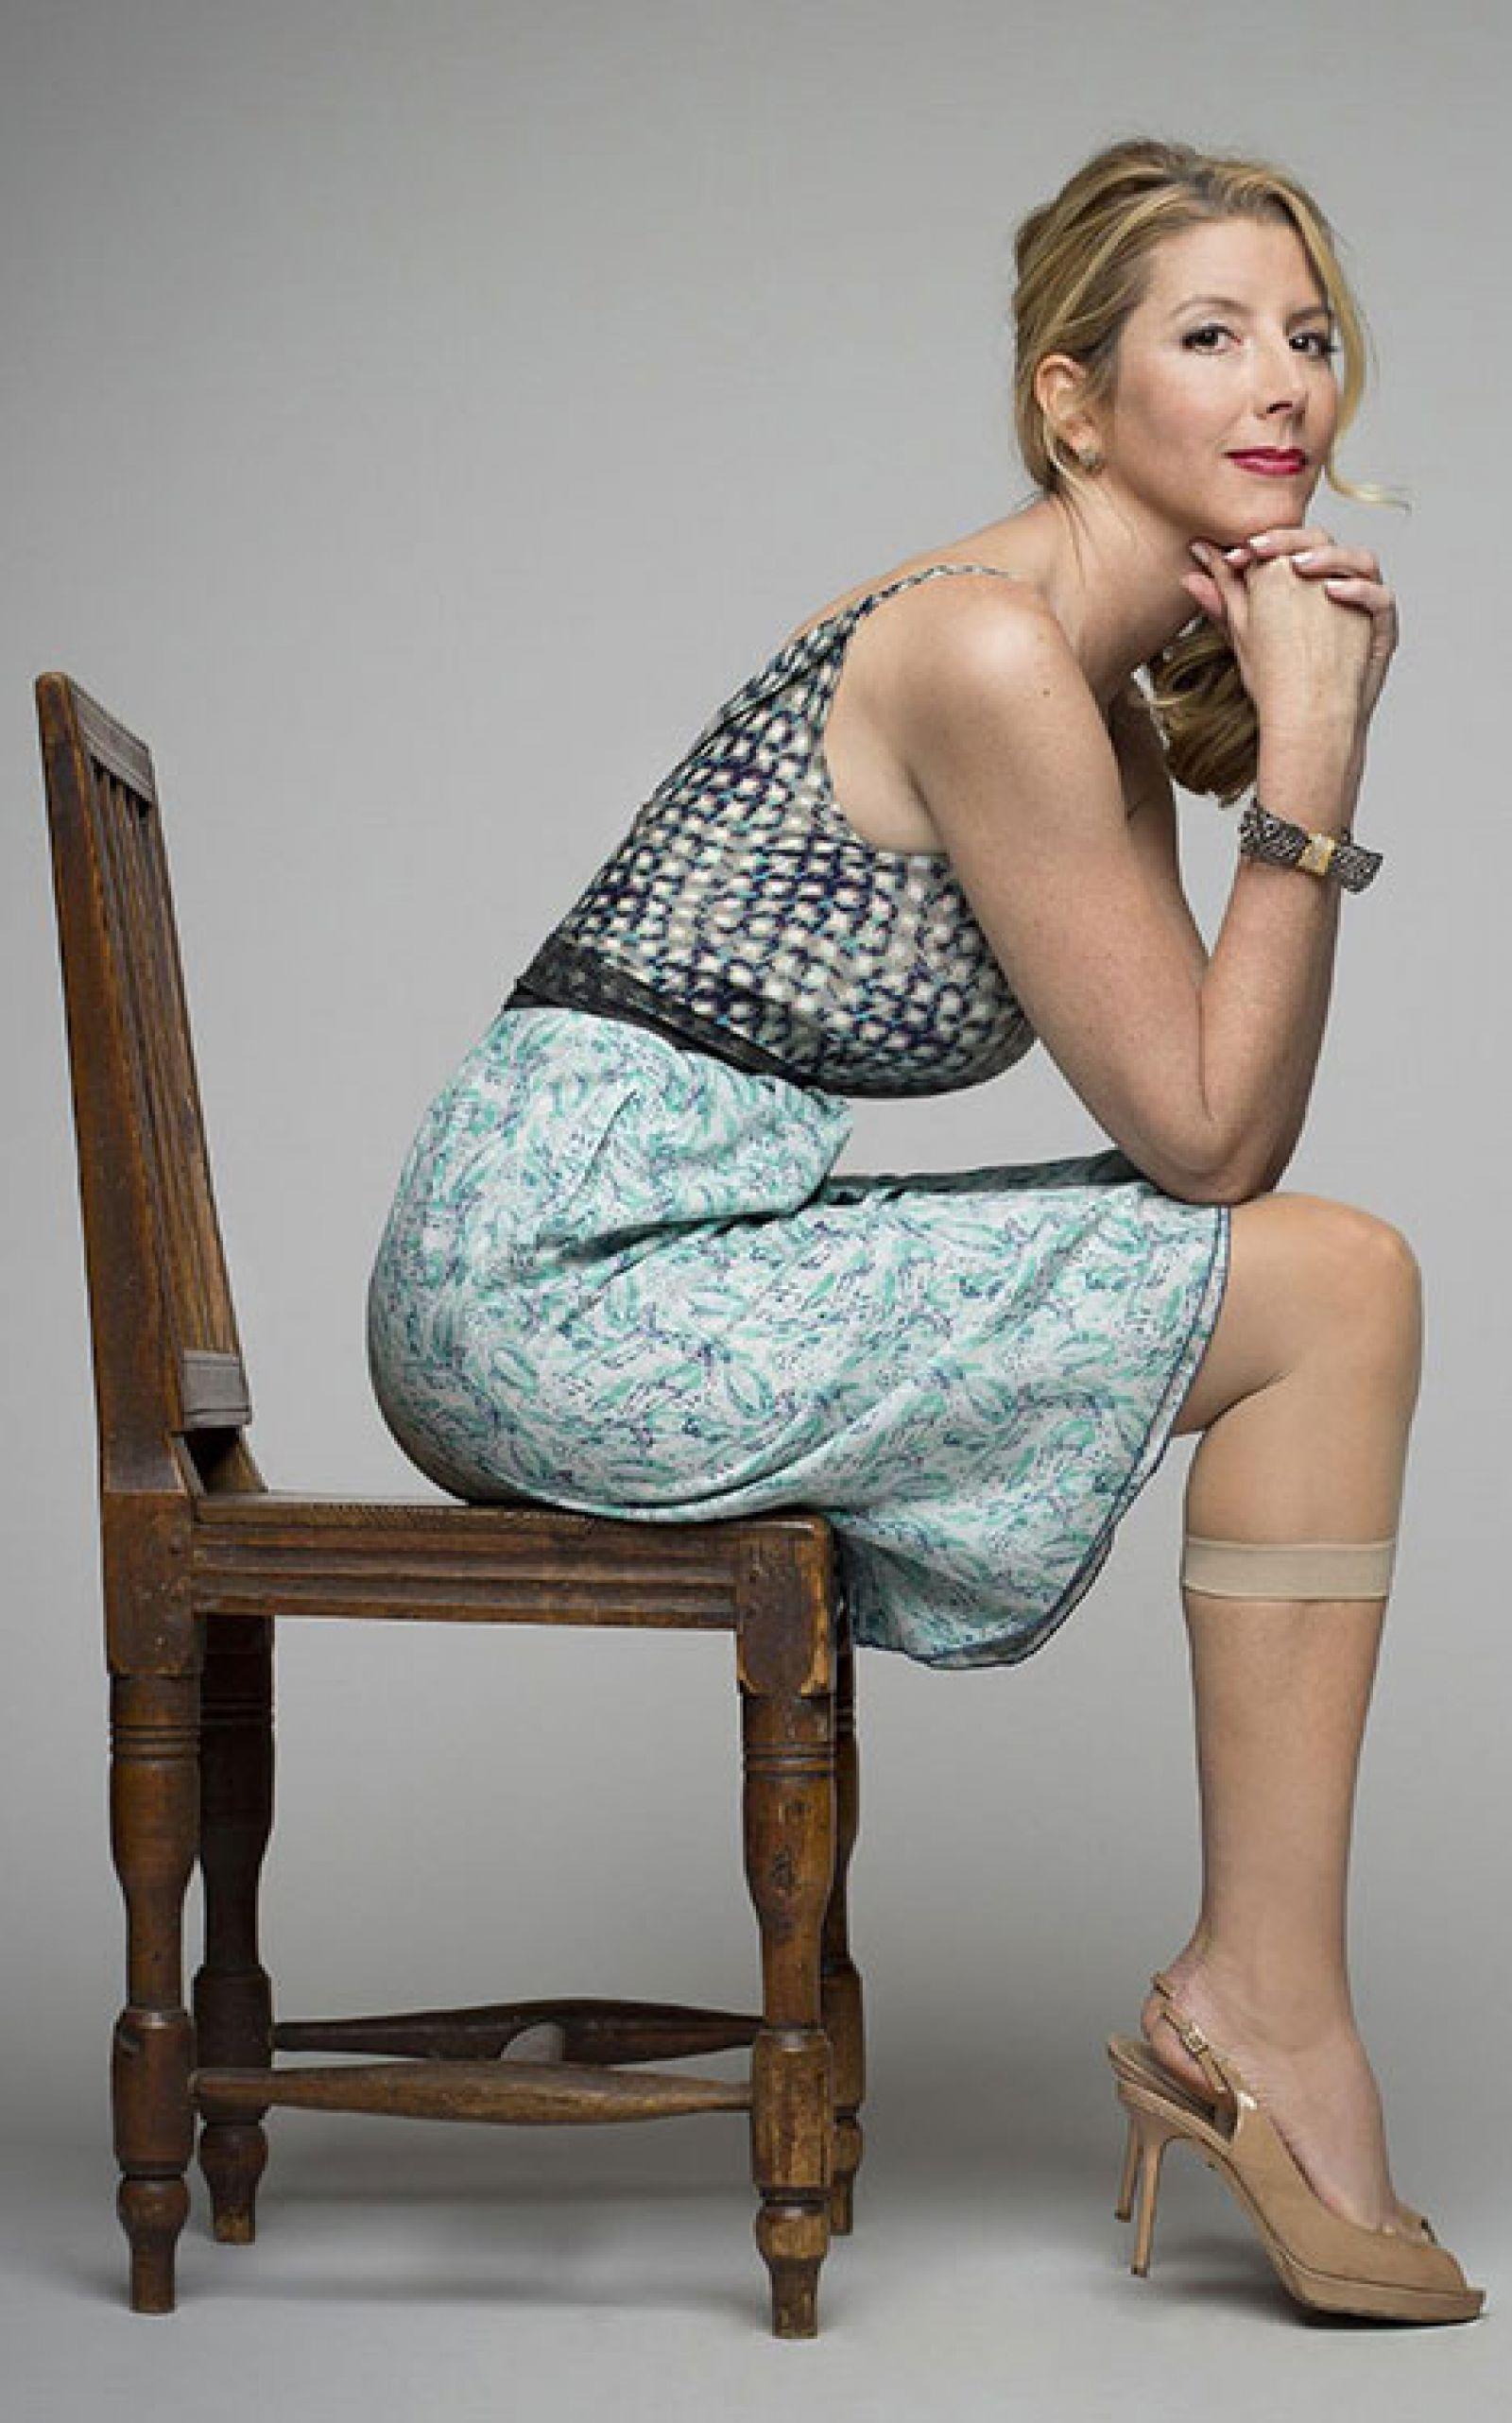 Sara Blakely - nhà sáng lập Hãng đồ lót Spanx. Nguồn: Getty Images